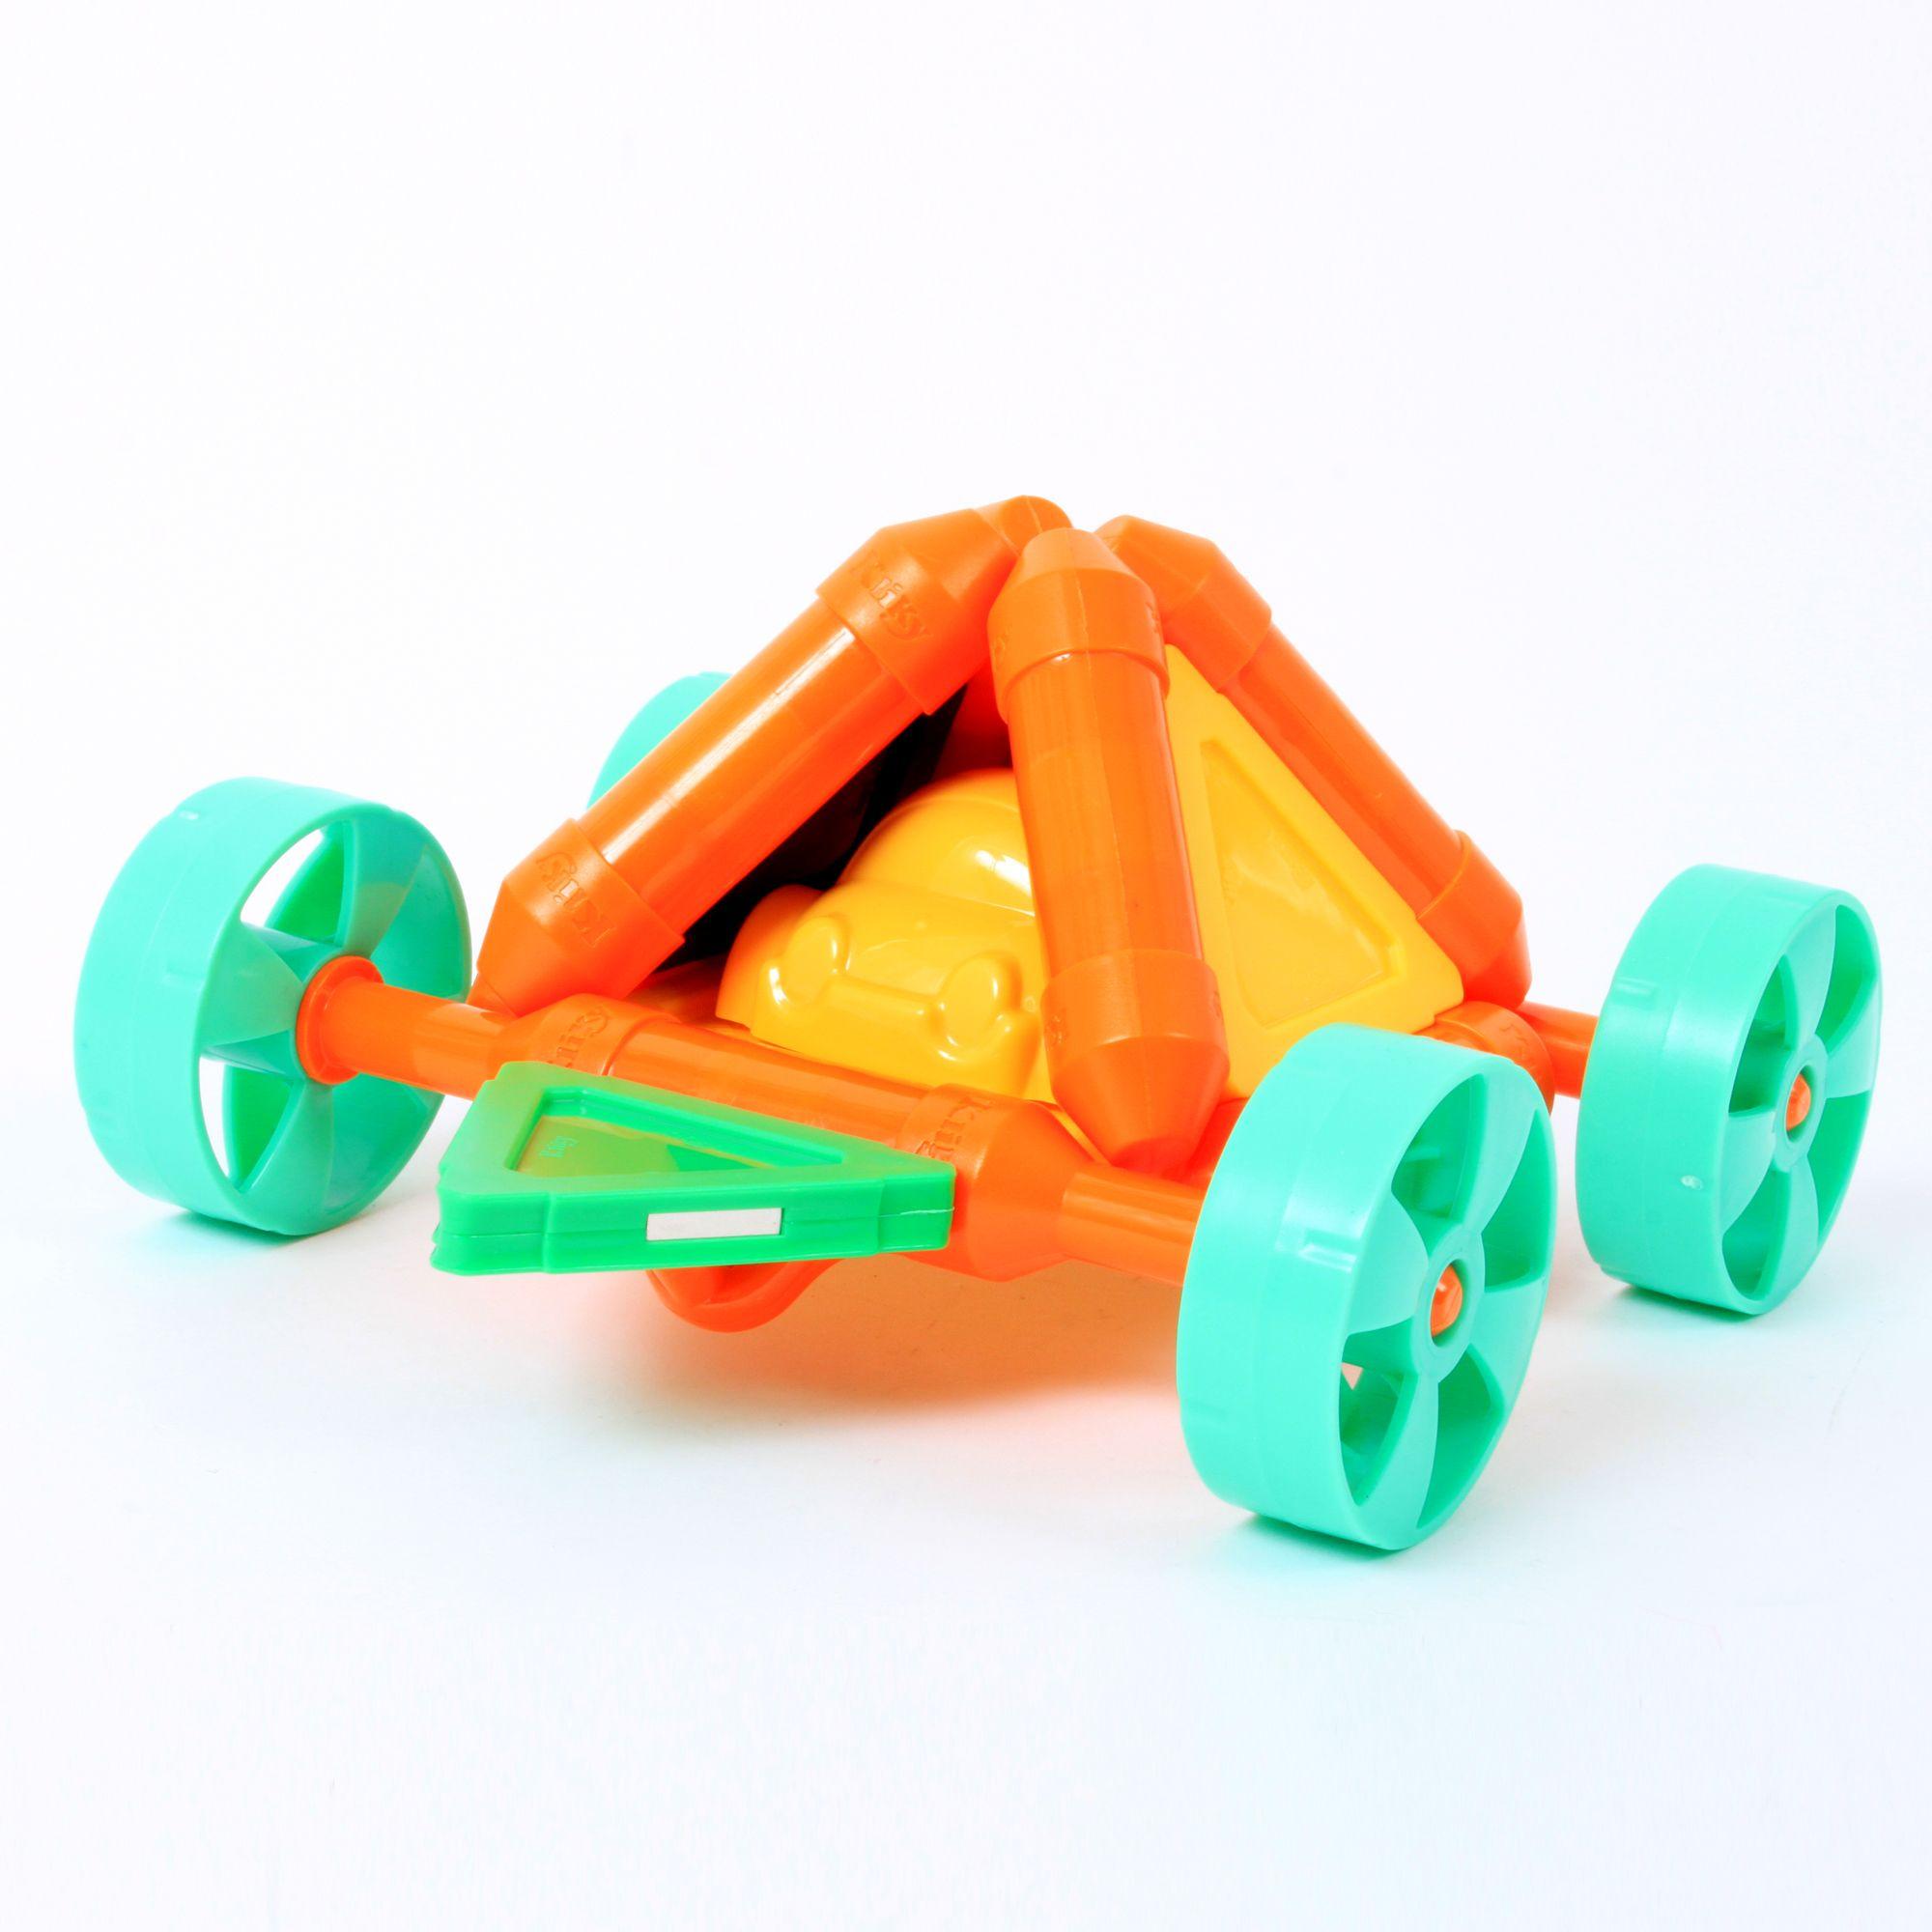 950006 - Jeu De Construction En Forme De Petite Voiture destiné Jeux De Petite Voiture